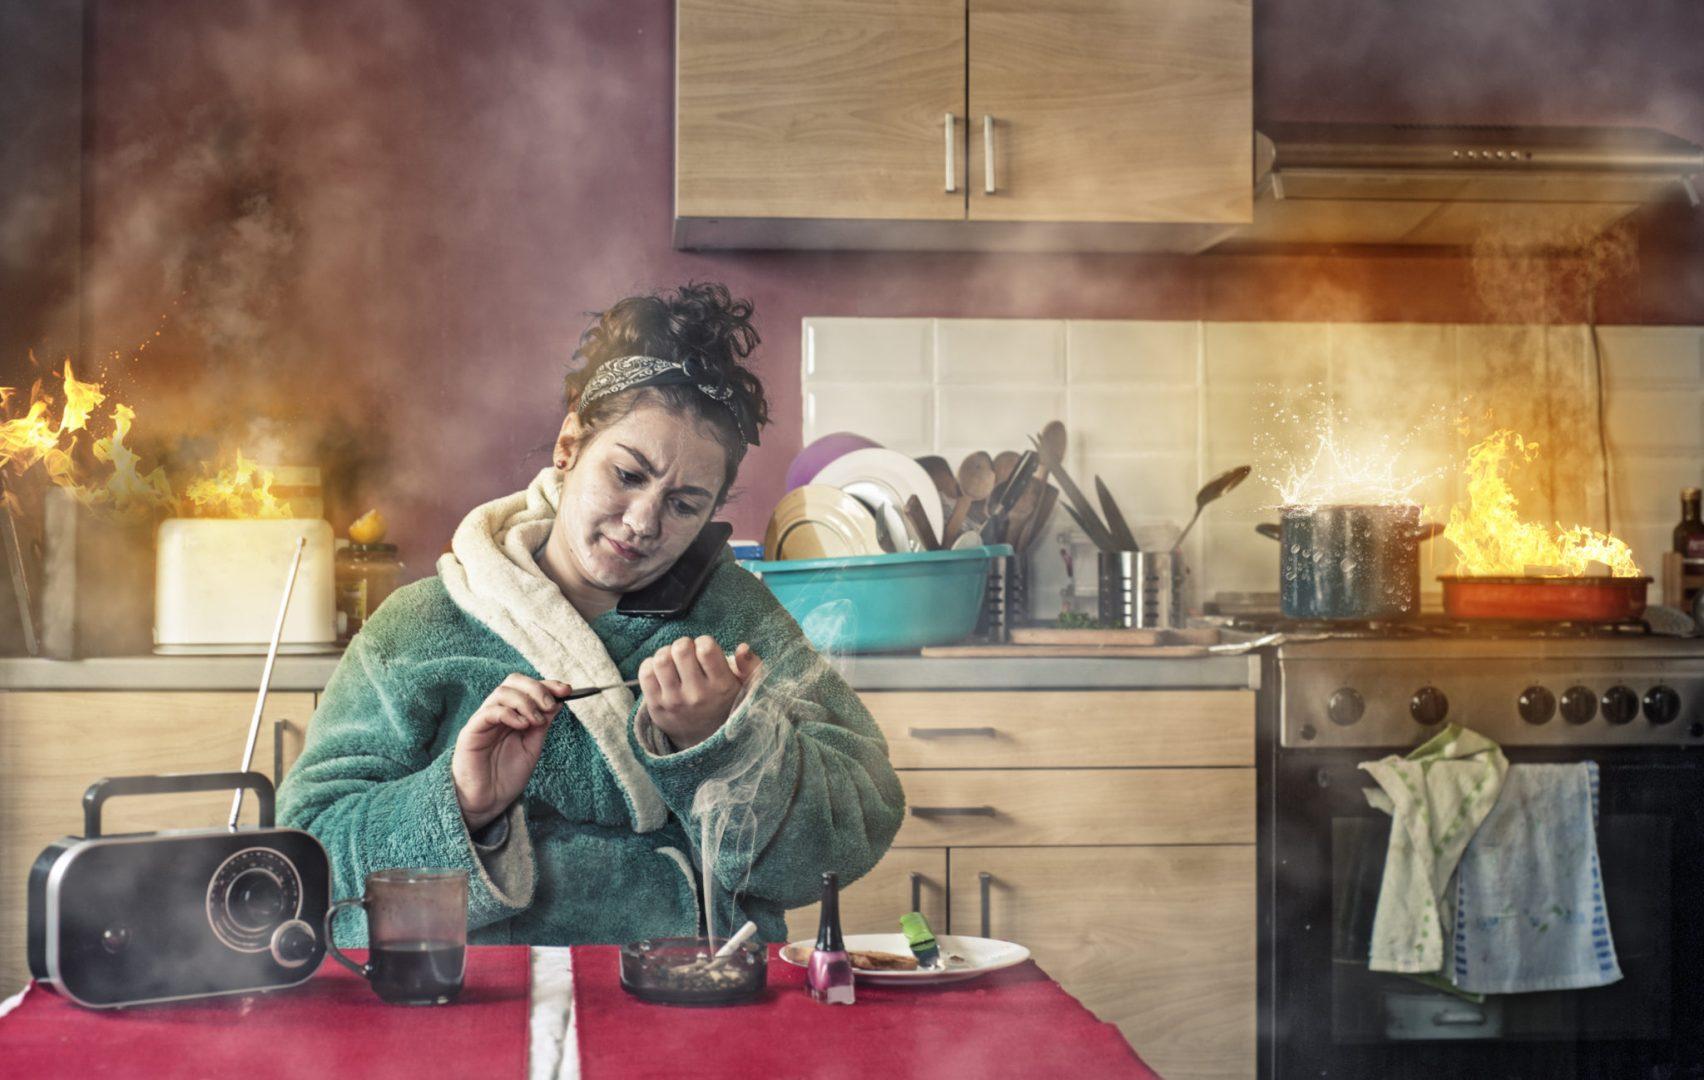 Incendi domestici: ecco le sei regole d'oro di Eaton per evitarli thumbnail